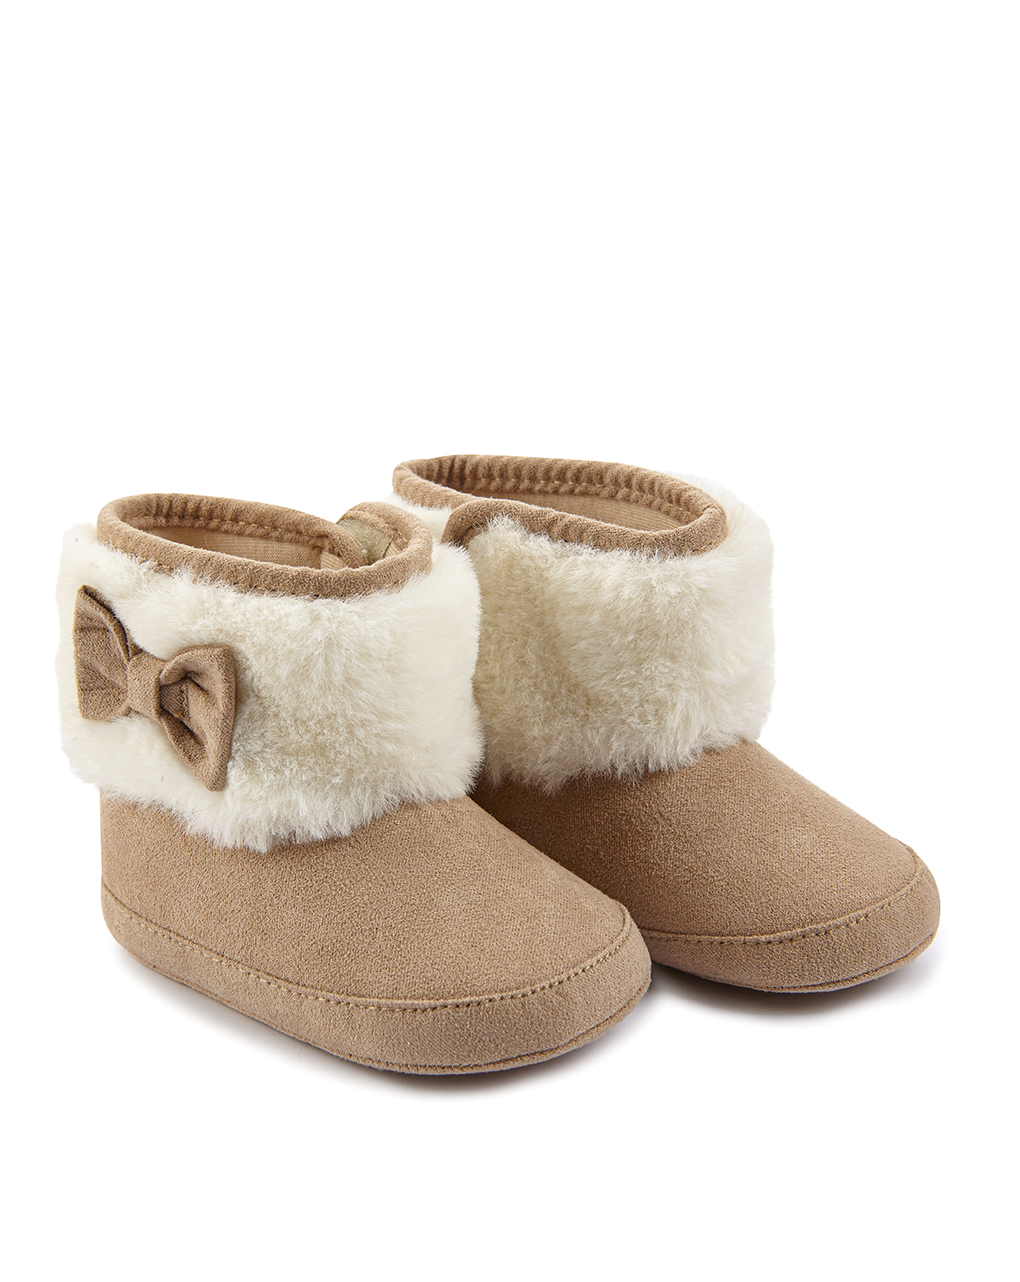 Βρεφικά Παπούτσια Αγκαλιάς Μποτάκι Σουέντ με Οικολογική Γούνα για Κορίτσι